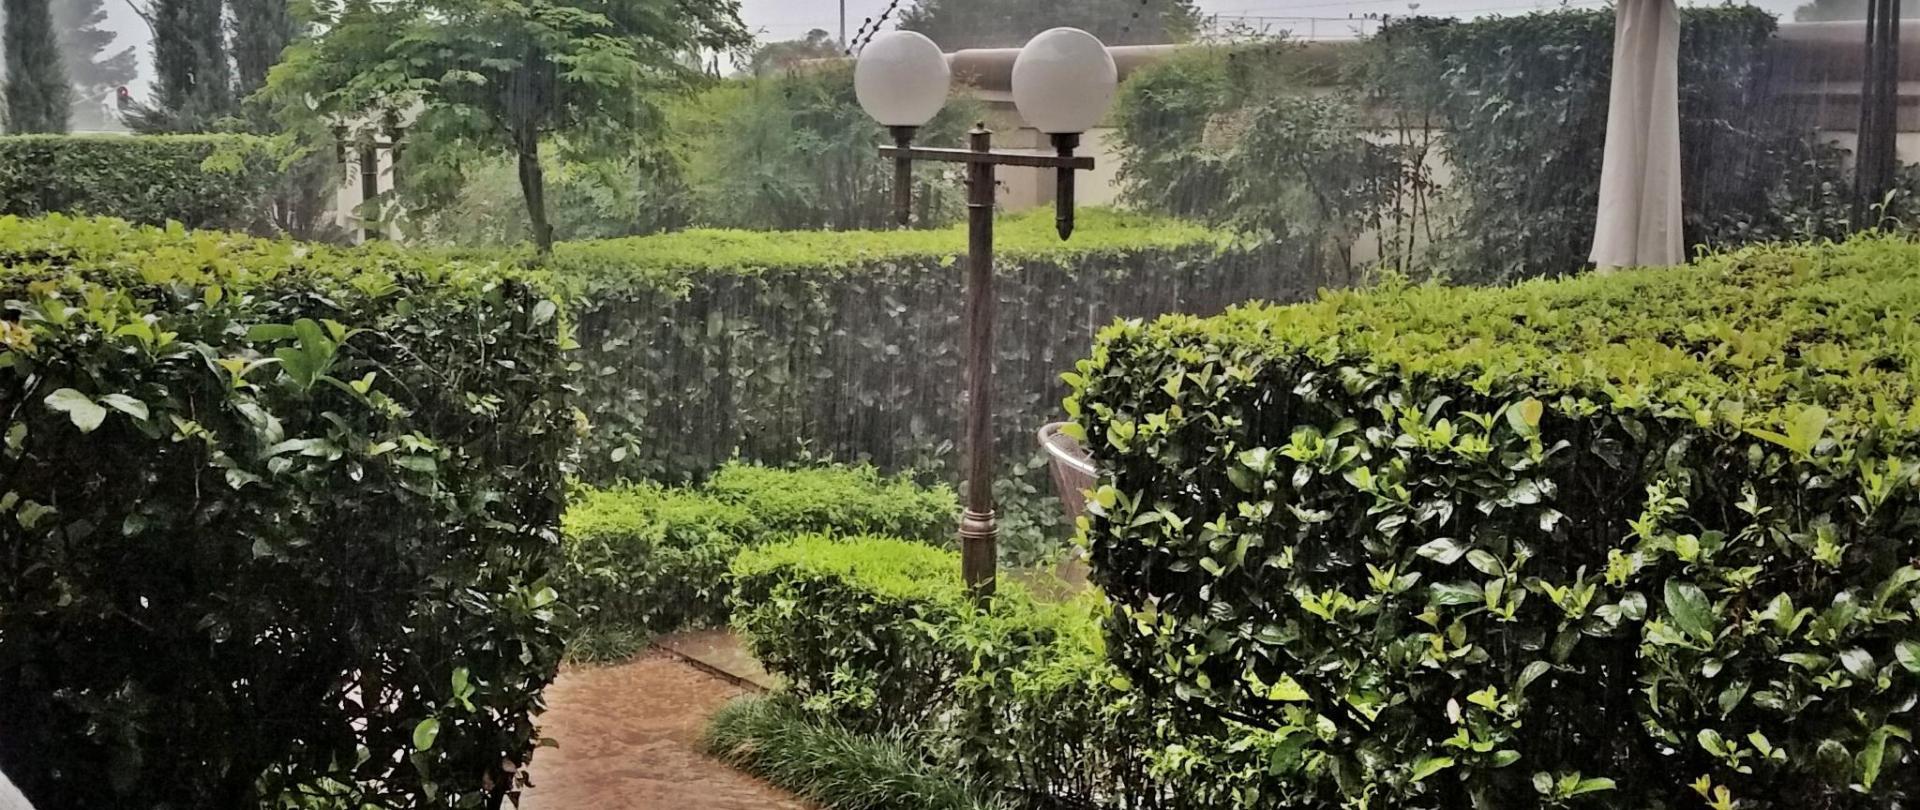 Rain in garden 3  2017.jpg